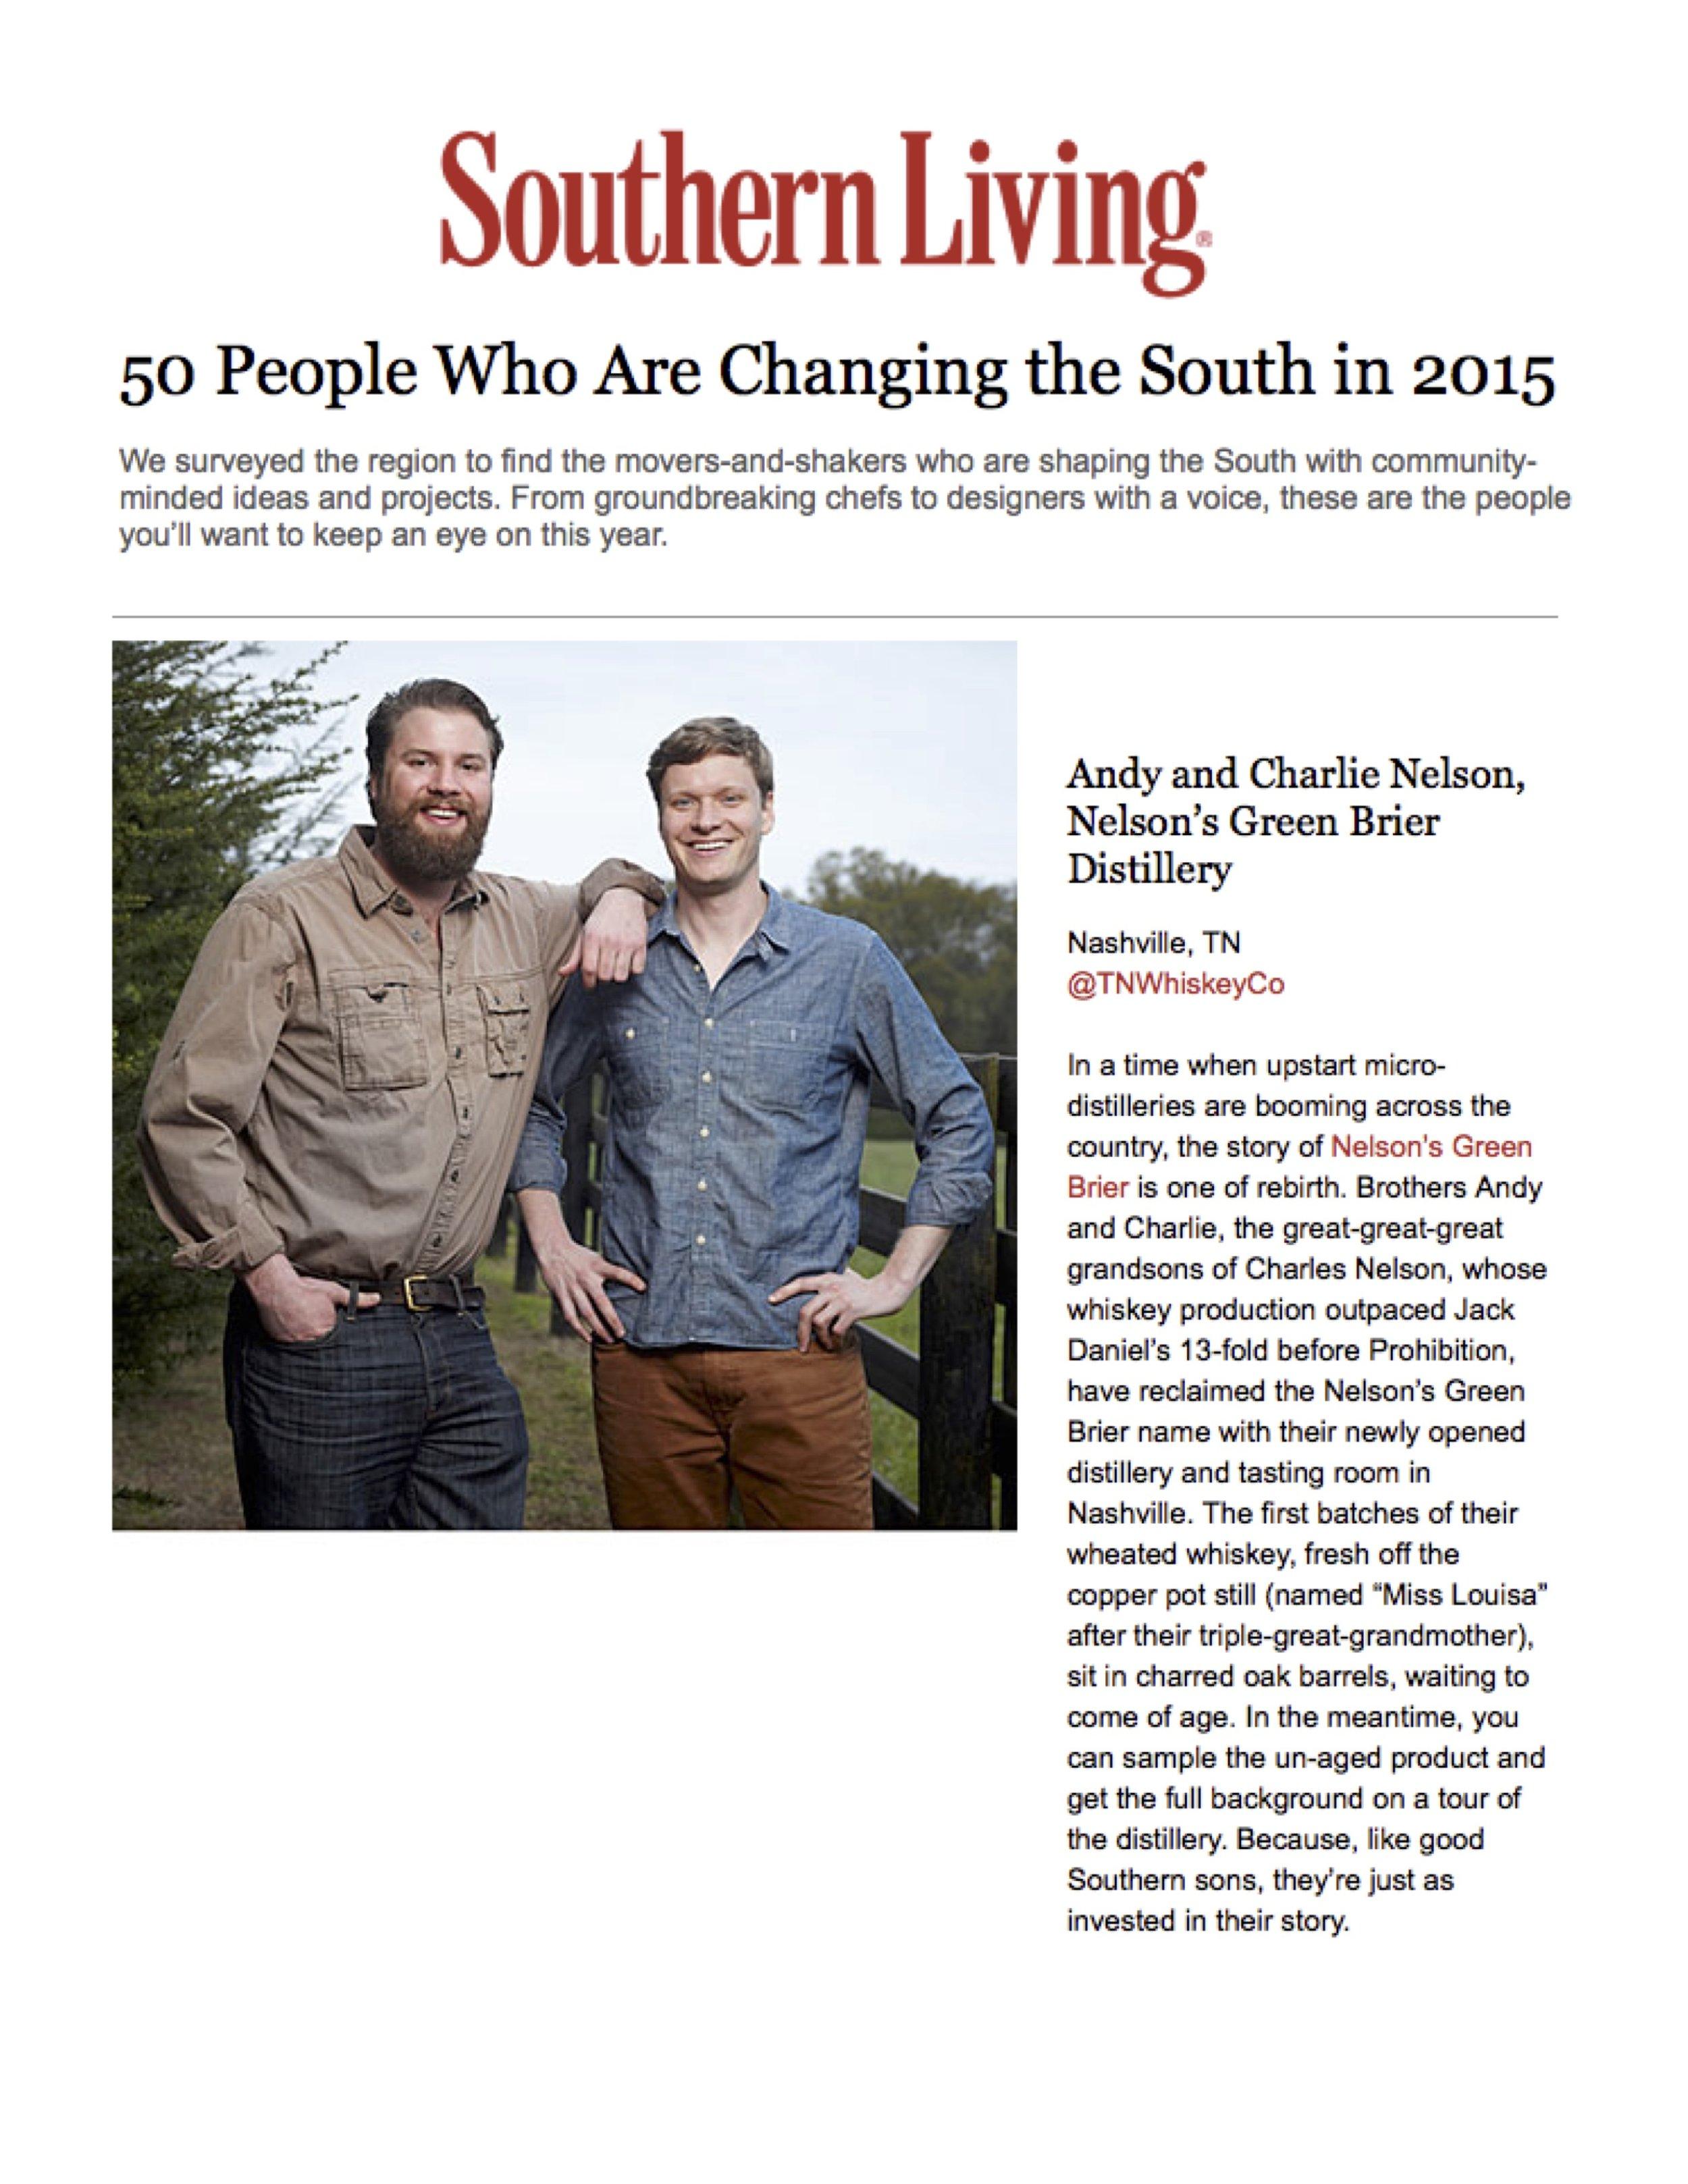 SouthernLiving_NelsonsGBD_BelleMeade_201501.jpg